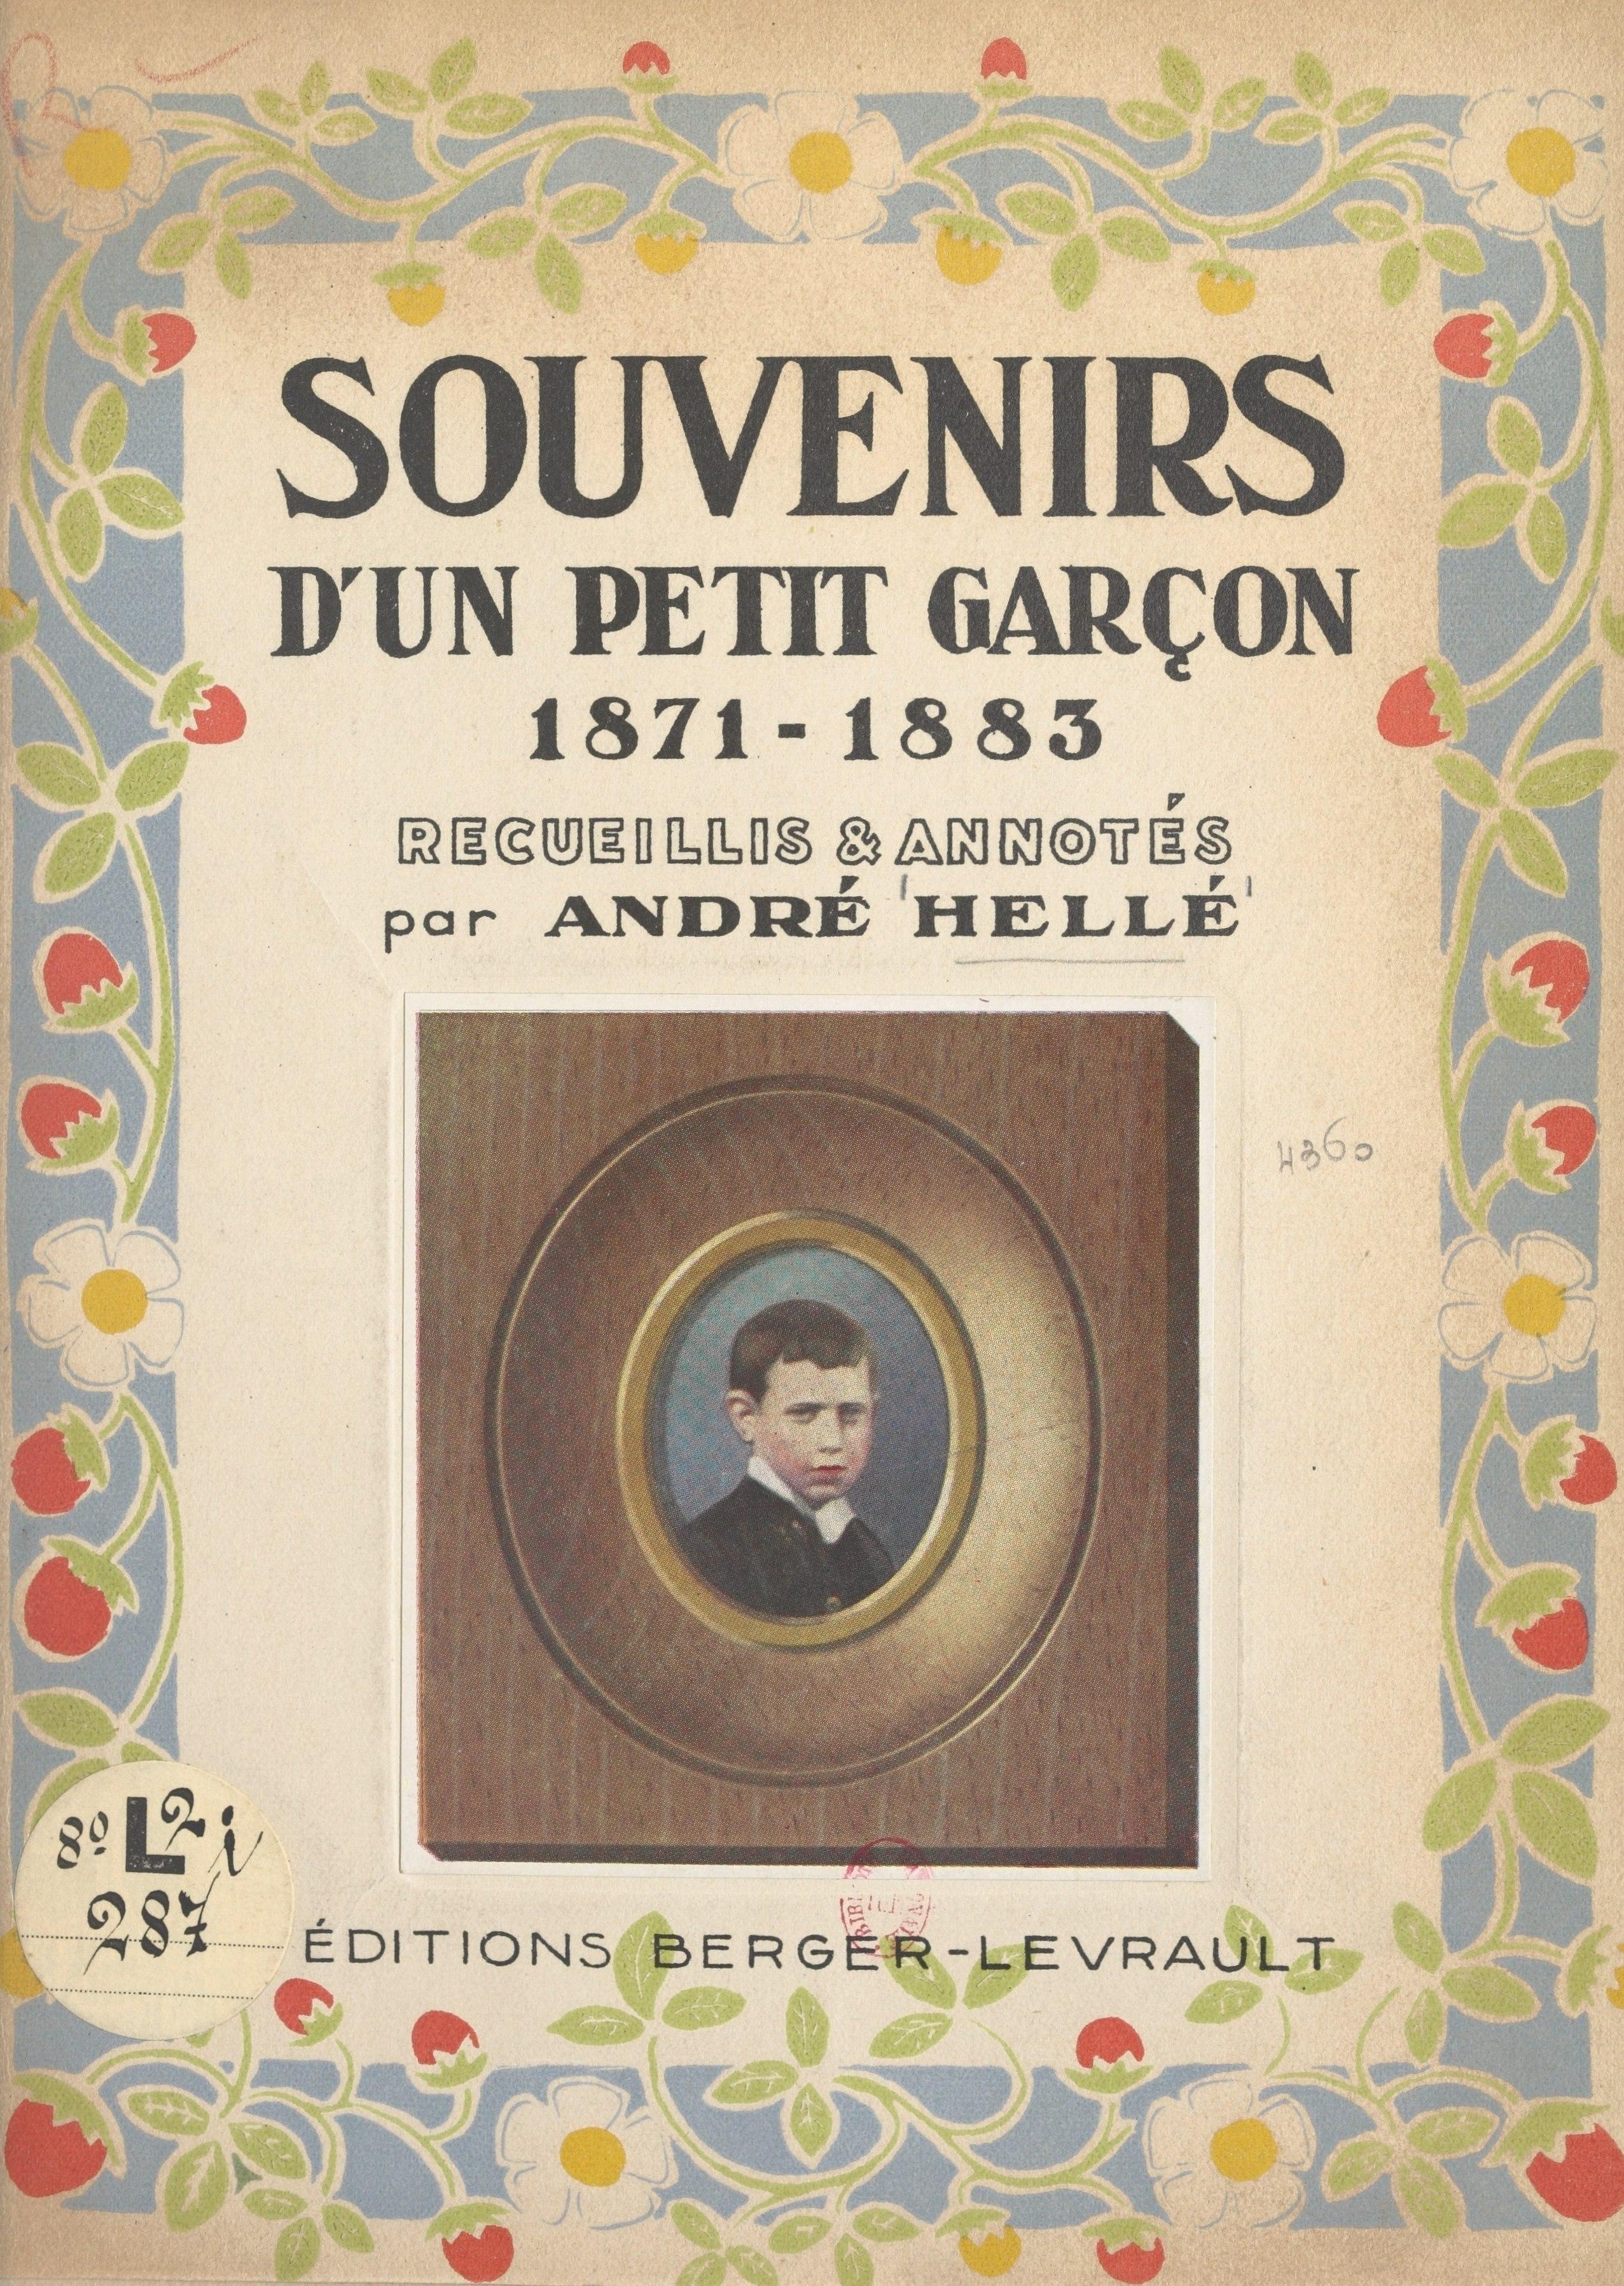 Souvenirs d'un petit garçon, 1871-1883